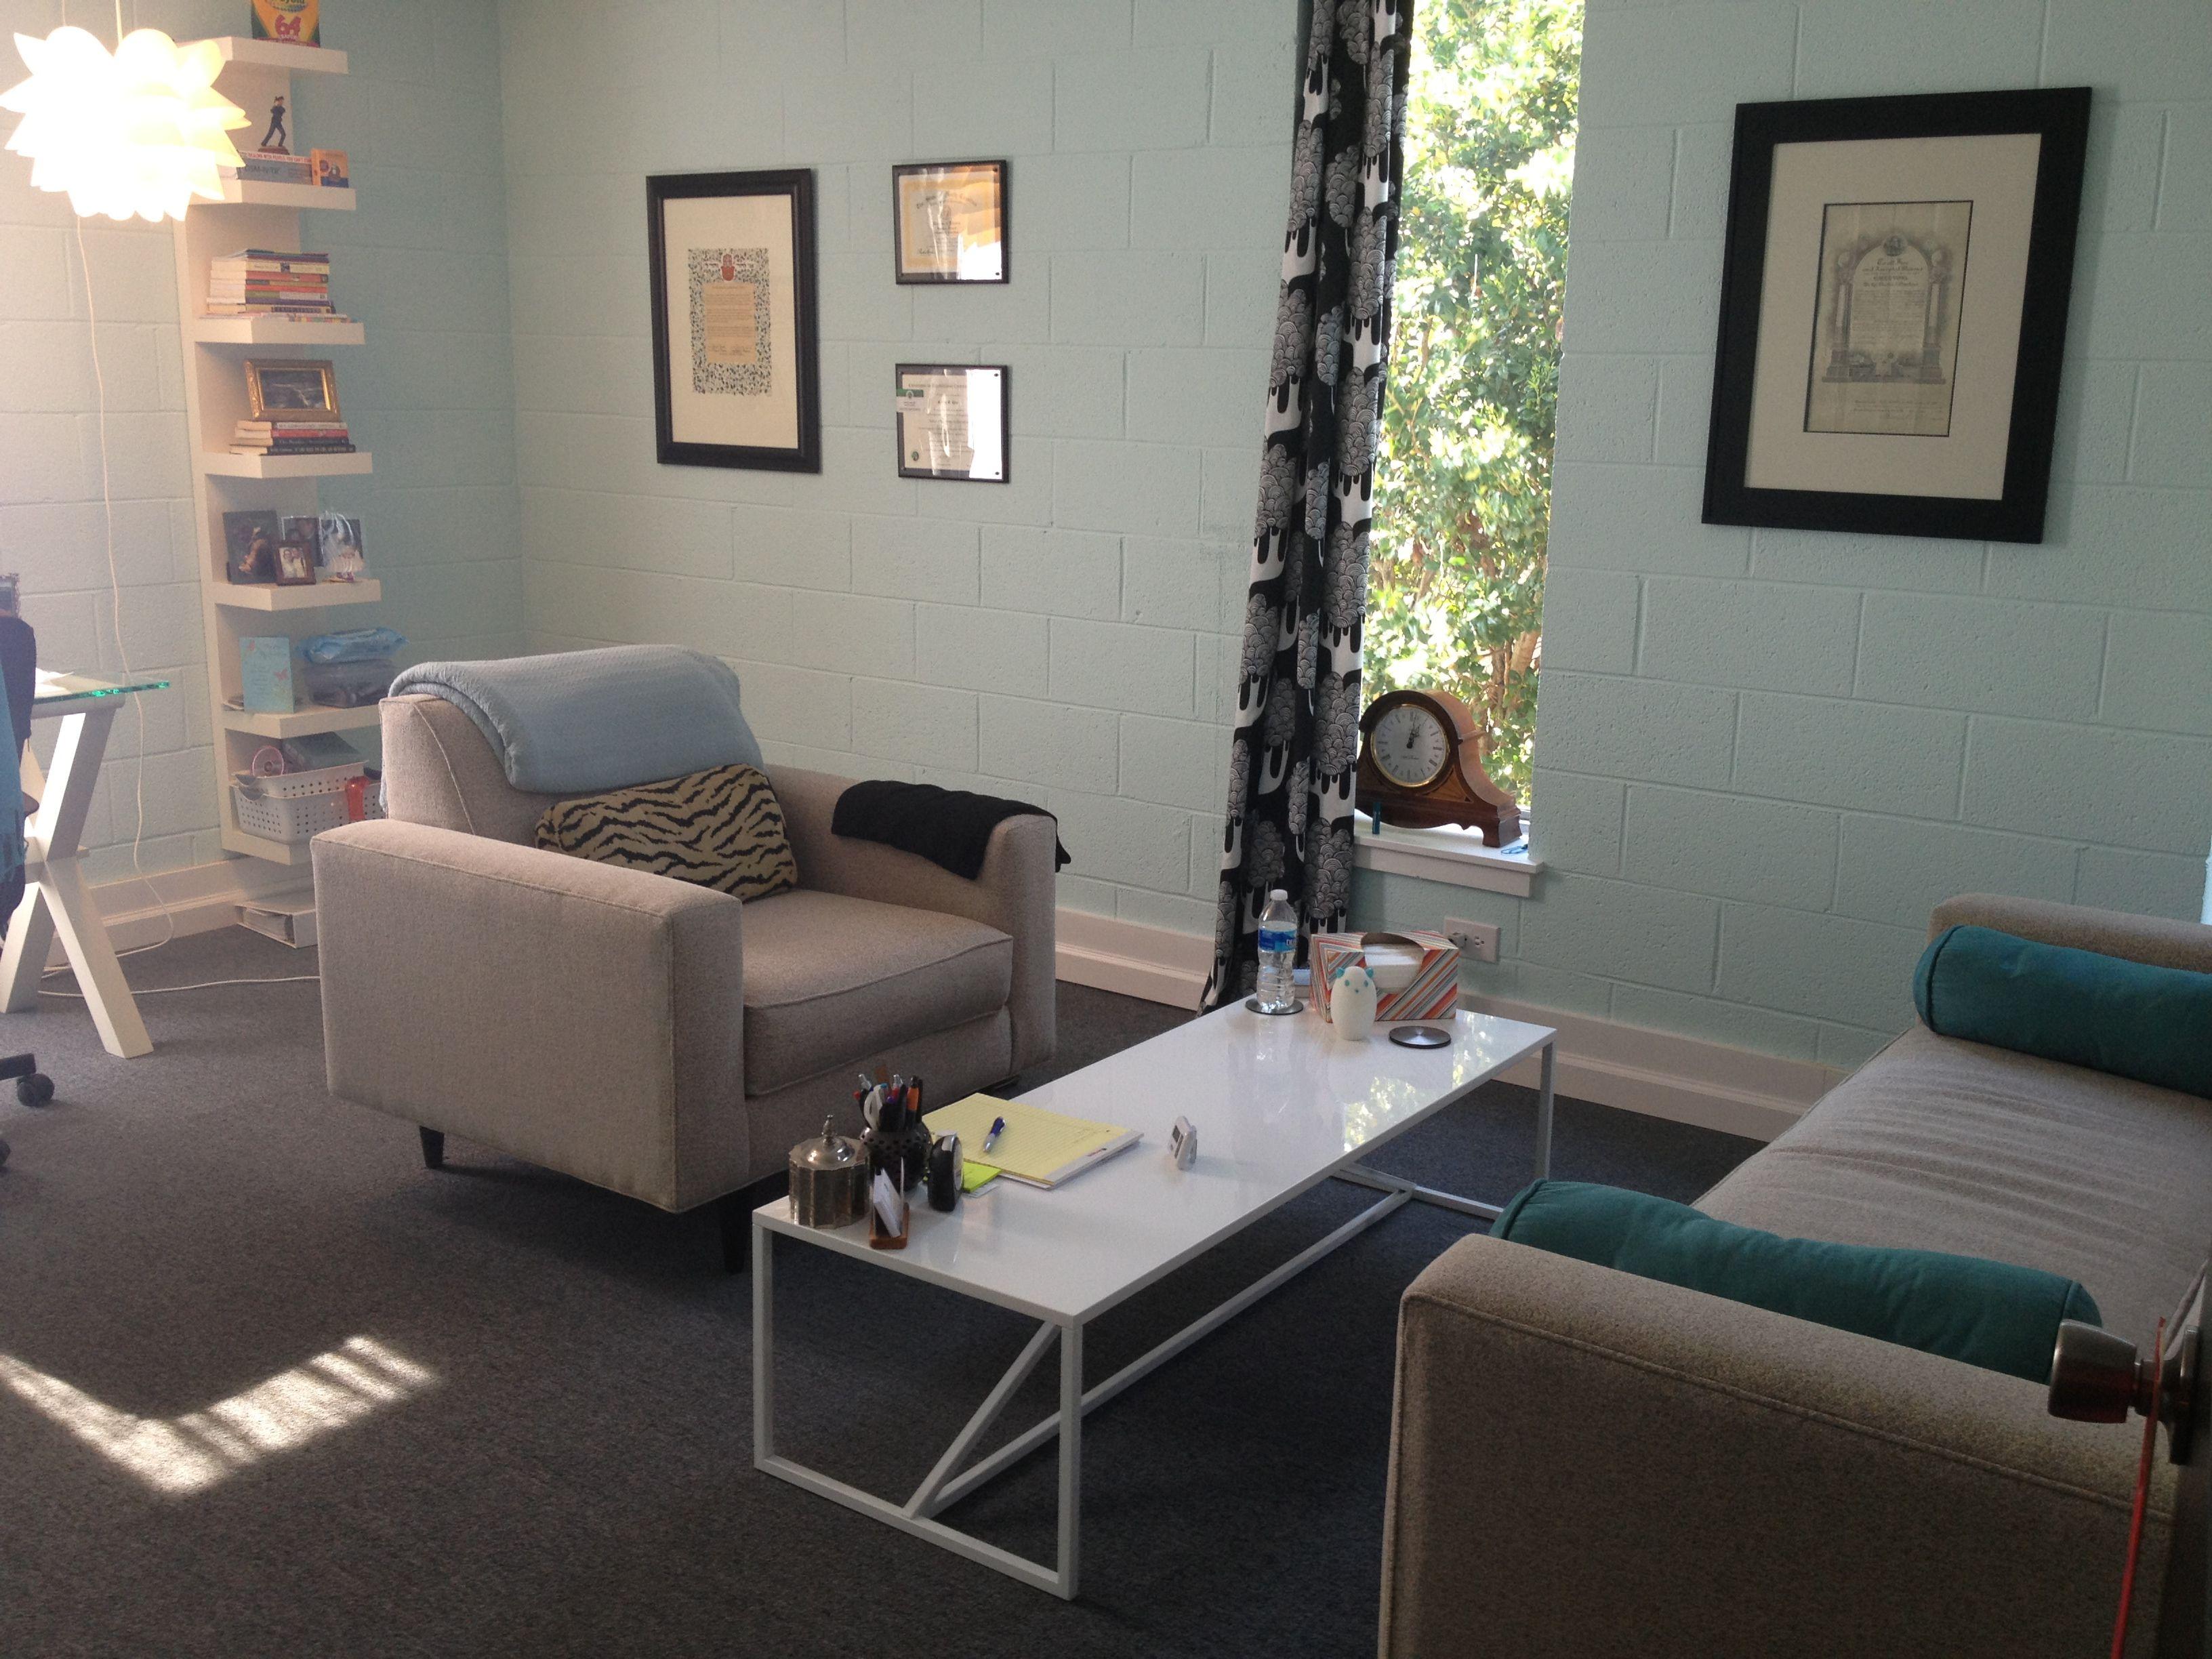 therapist office www.tlc-counseling | office | pinterest